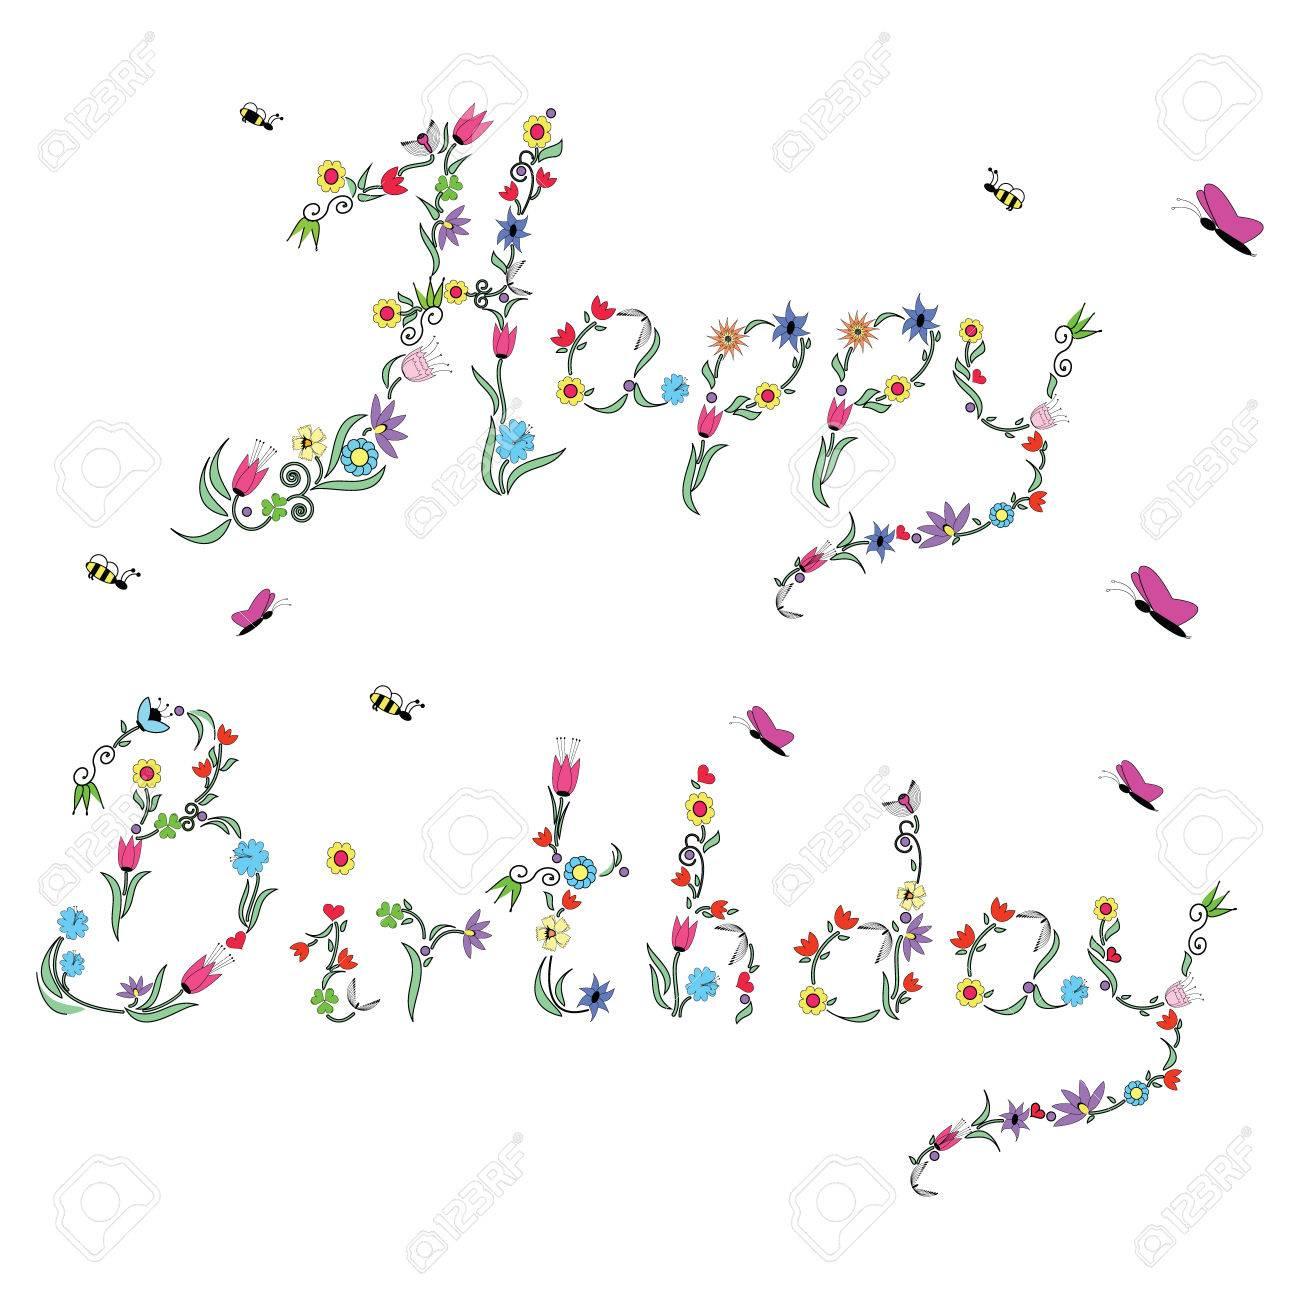 Fruhling Alles Gute Zum Geburtstag Zeichen In Farbe Mit Floralen